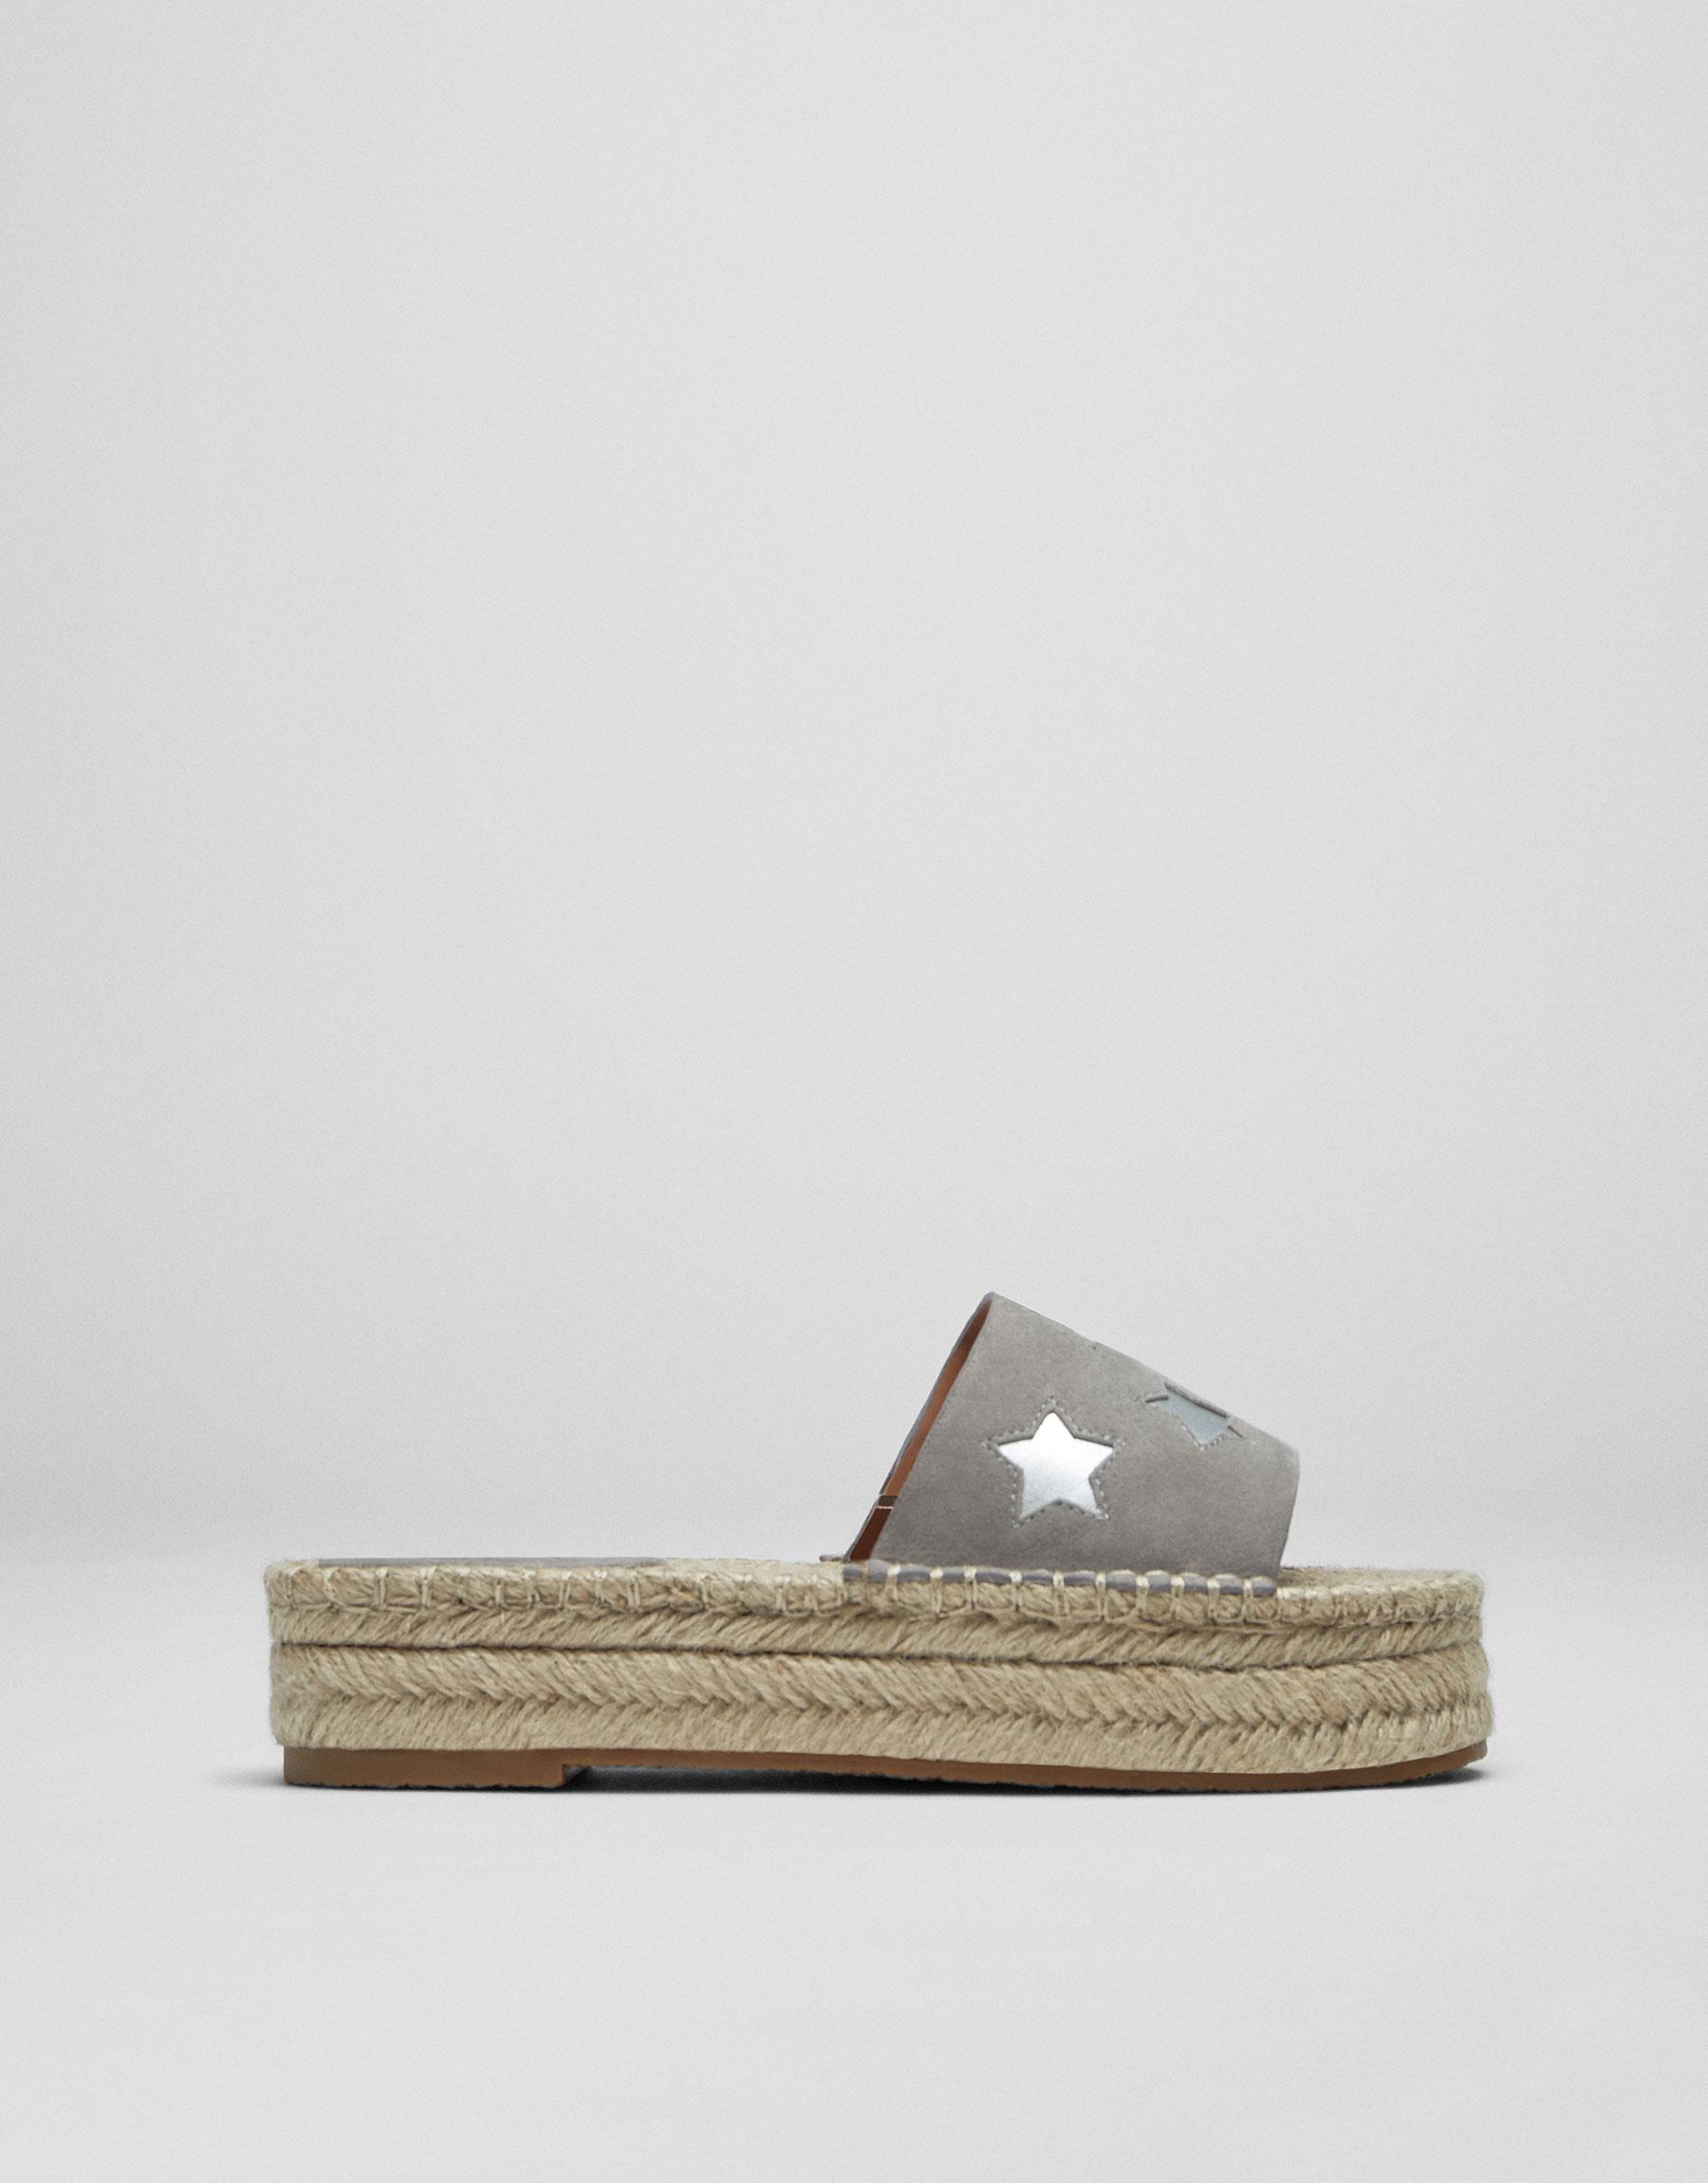 Sandale mit Jute und Sternen